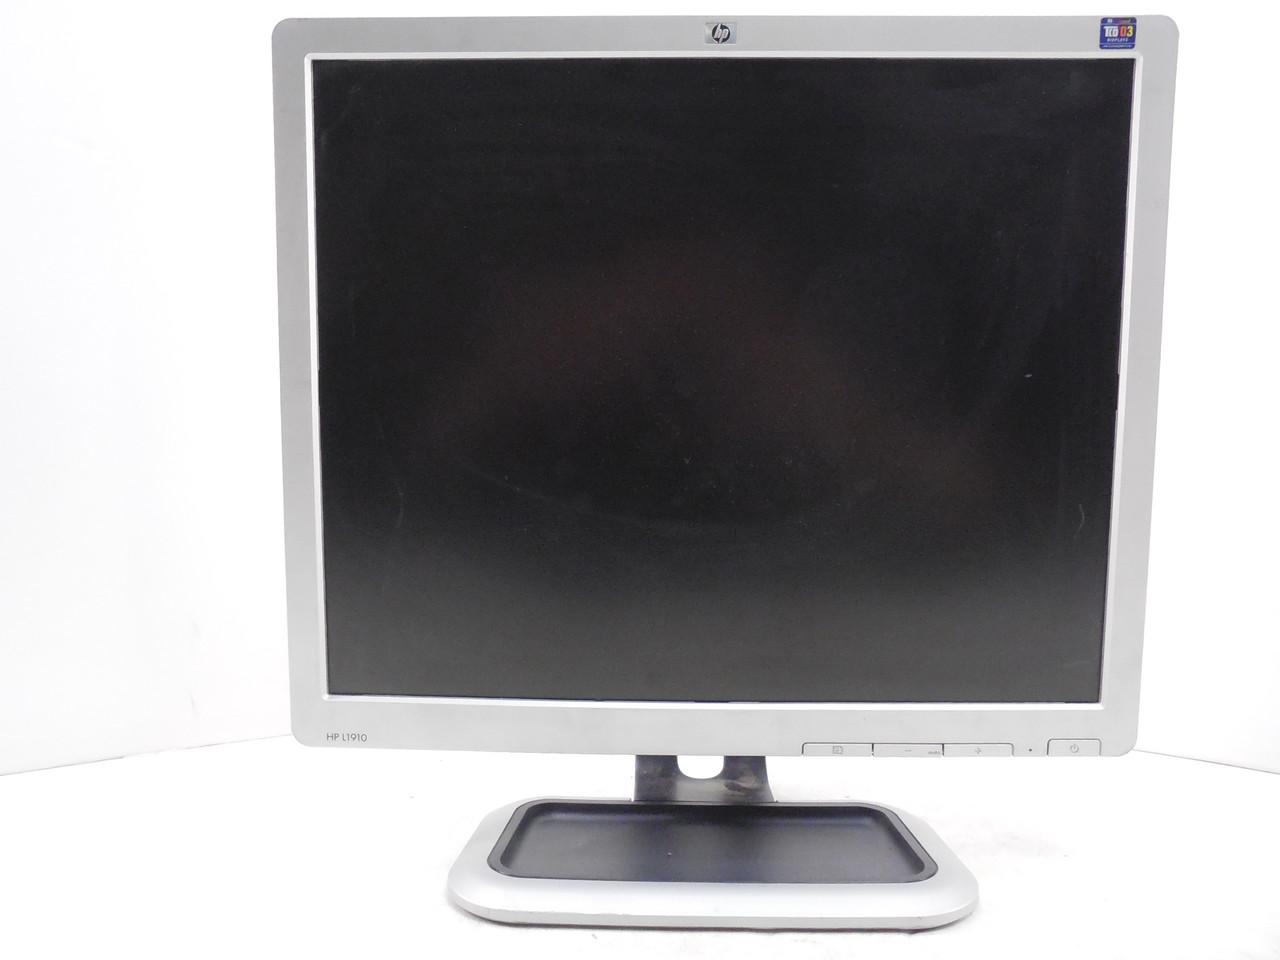 Монитор, HP L1910, 19 дюймов